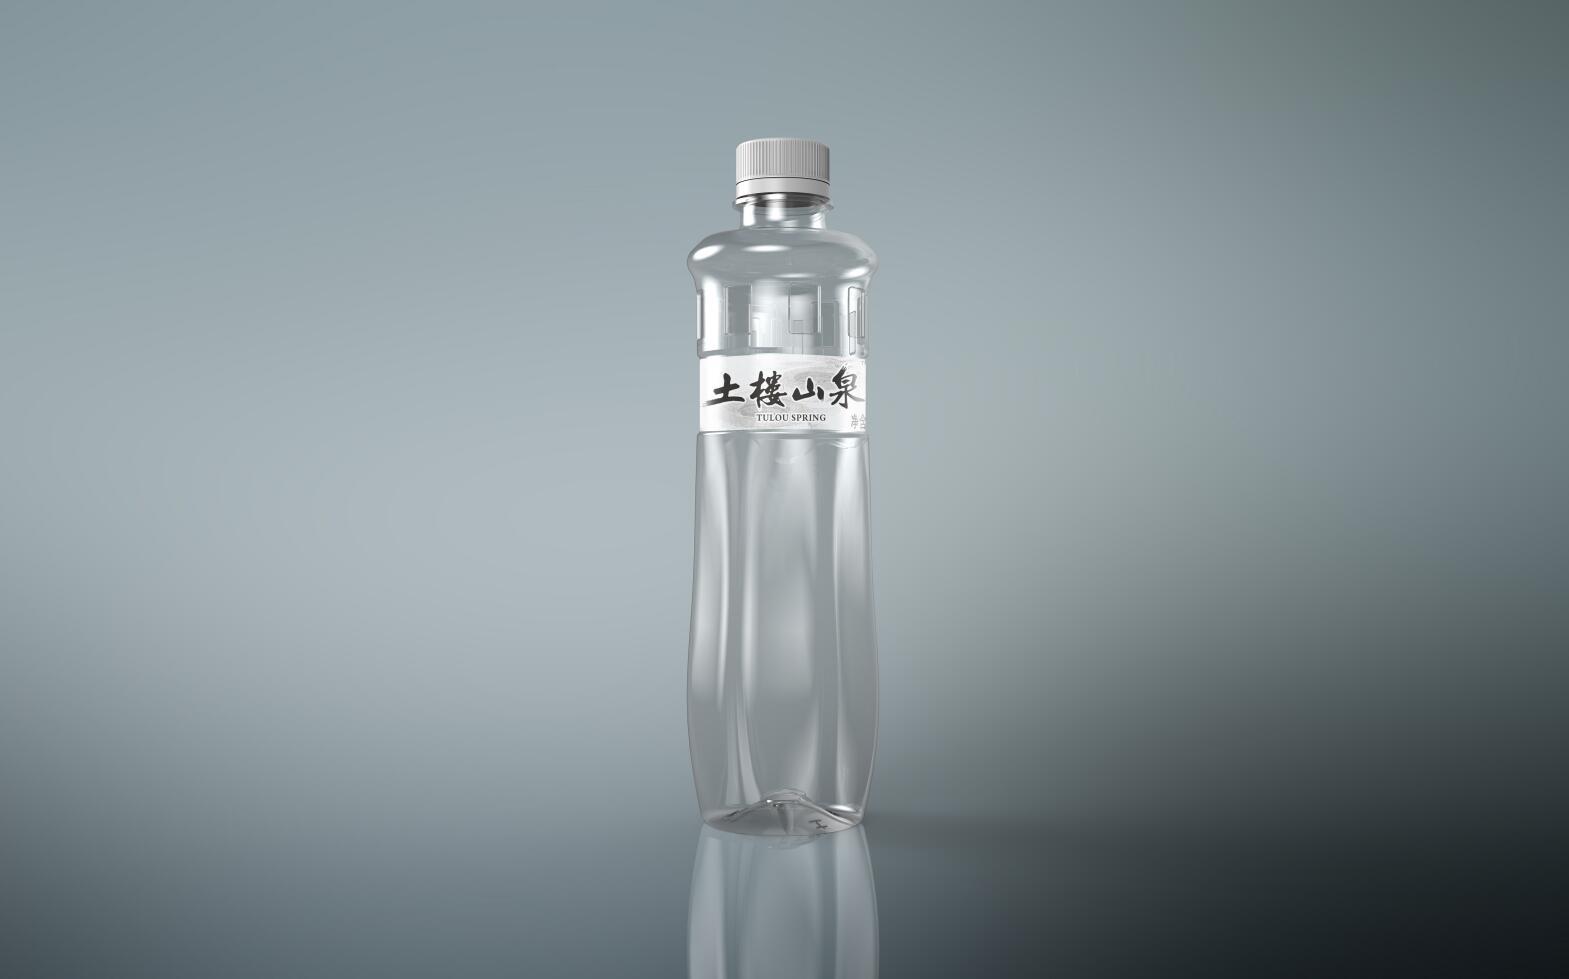 矿泉水瓶设计 深圳产品设计图片